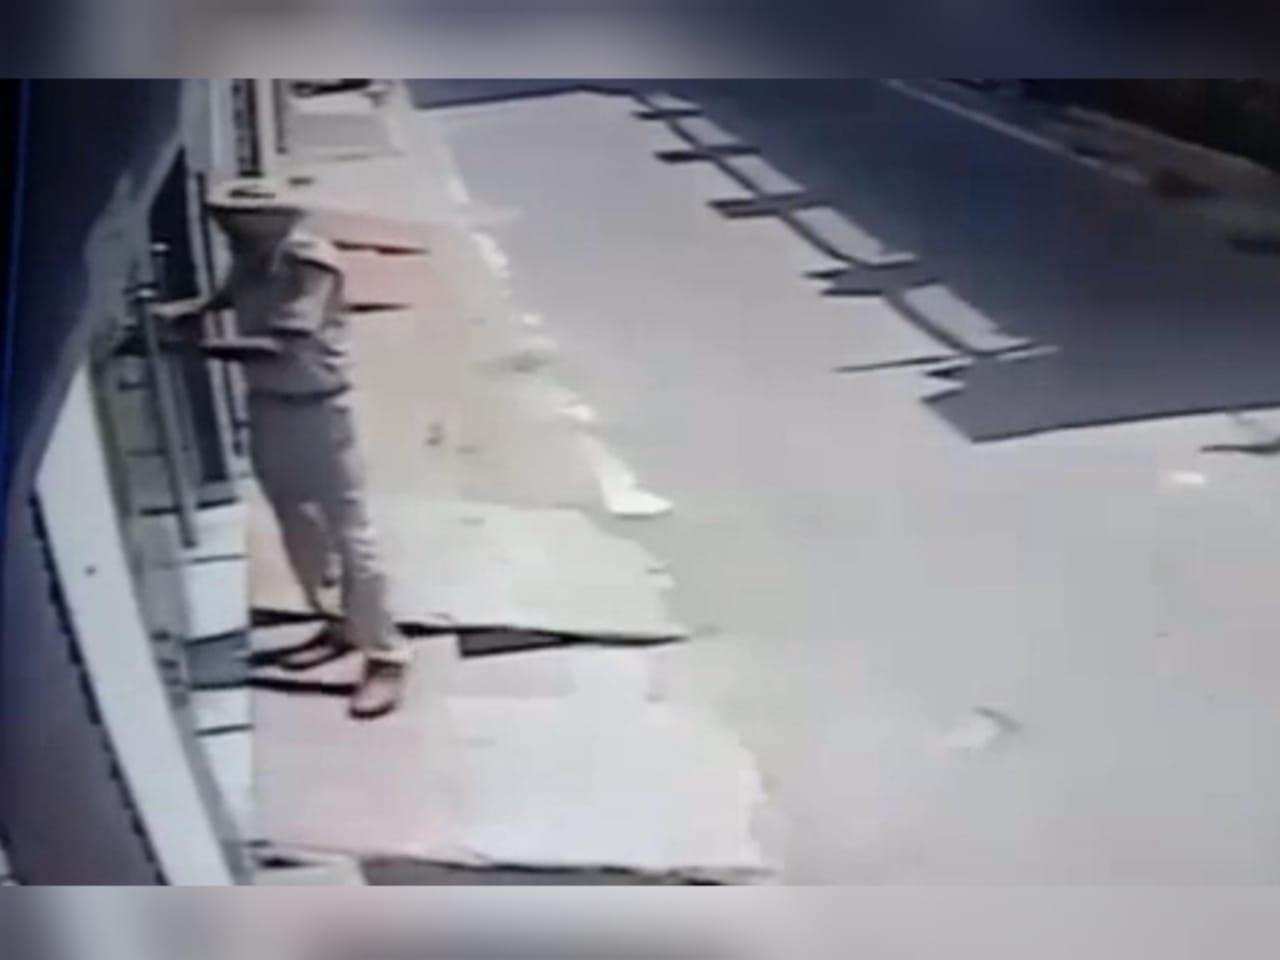 दुकान से जबरन सामान ले जाता है ASI, गाली-गलौच करने के साथ दरवाजा भी पीटता है, थाने पहुंची शिकायत|जालंधर,Jalandhar - Dainik Bhaskar